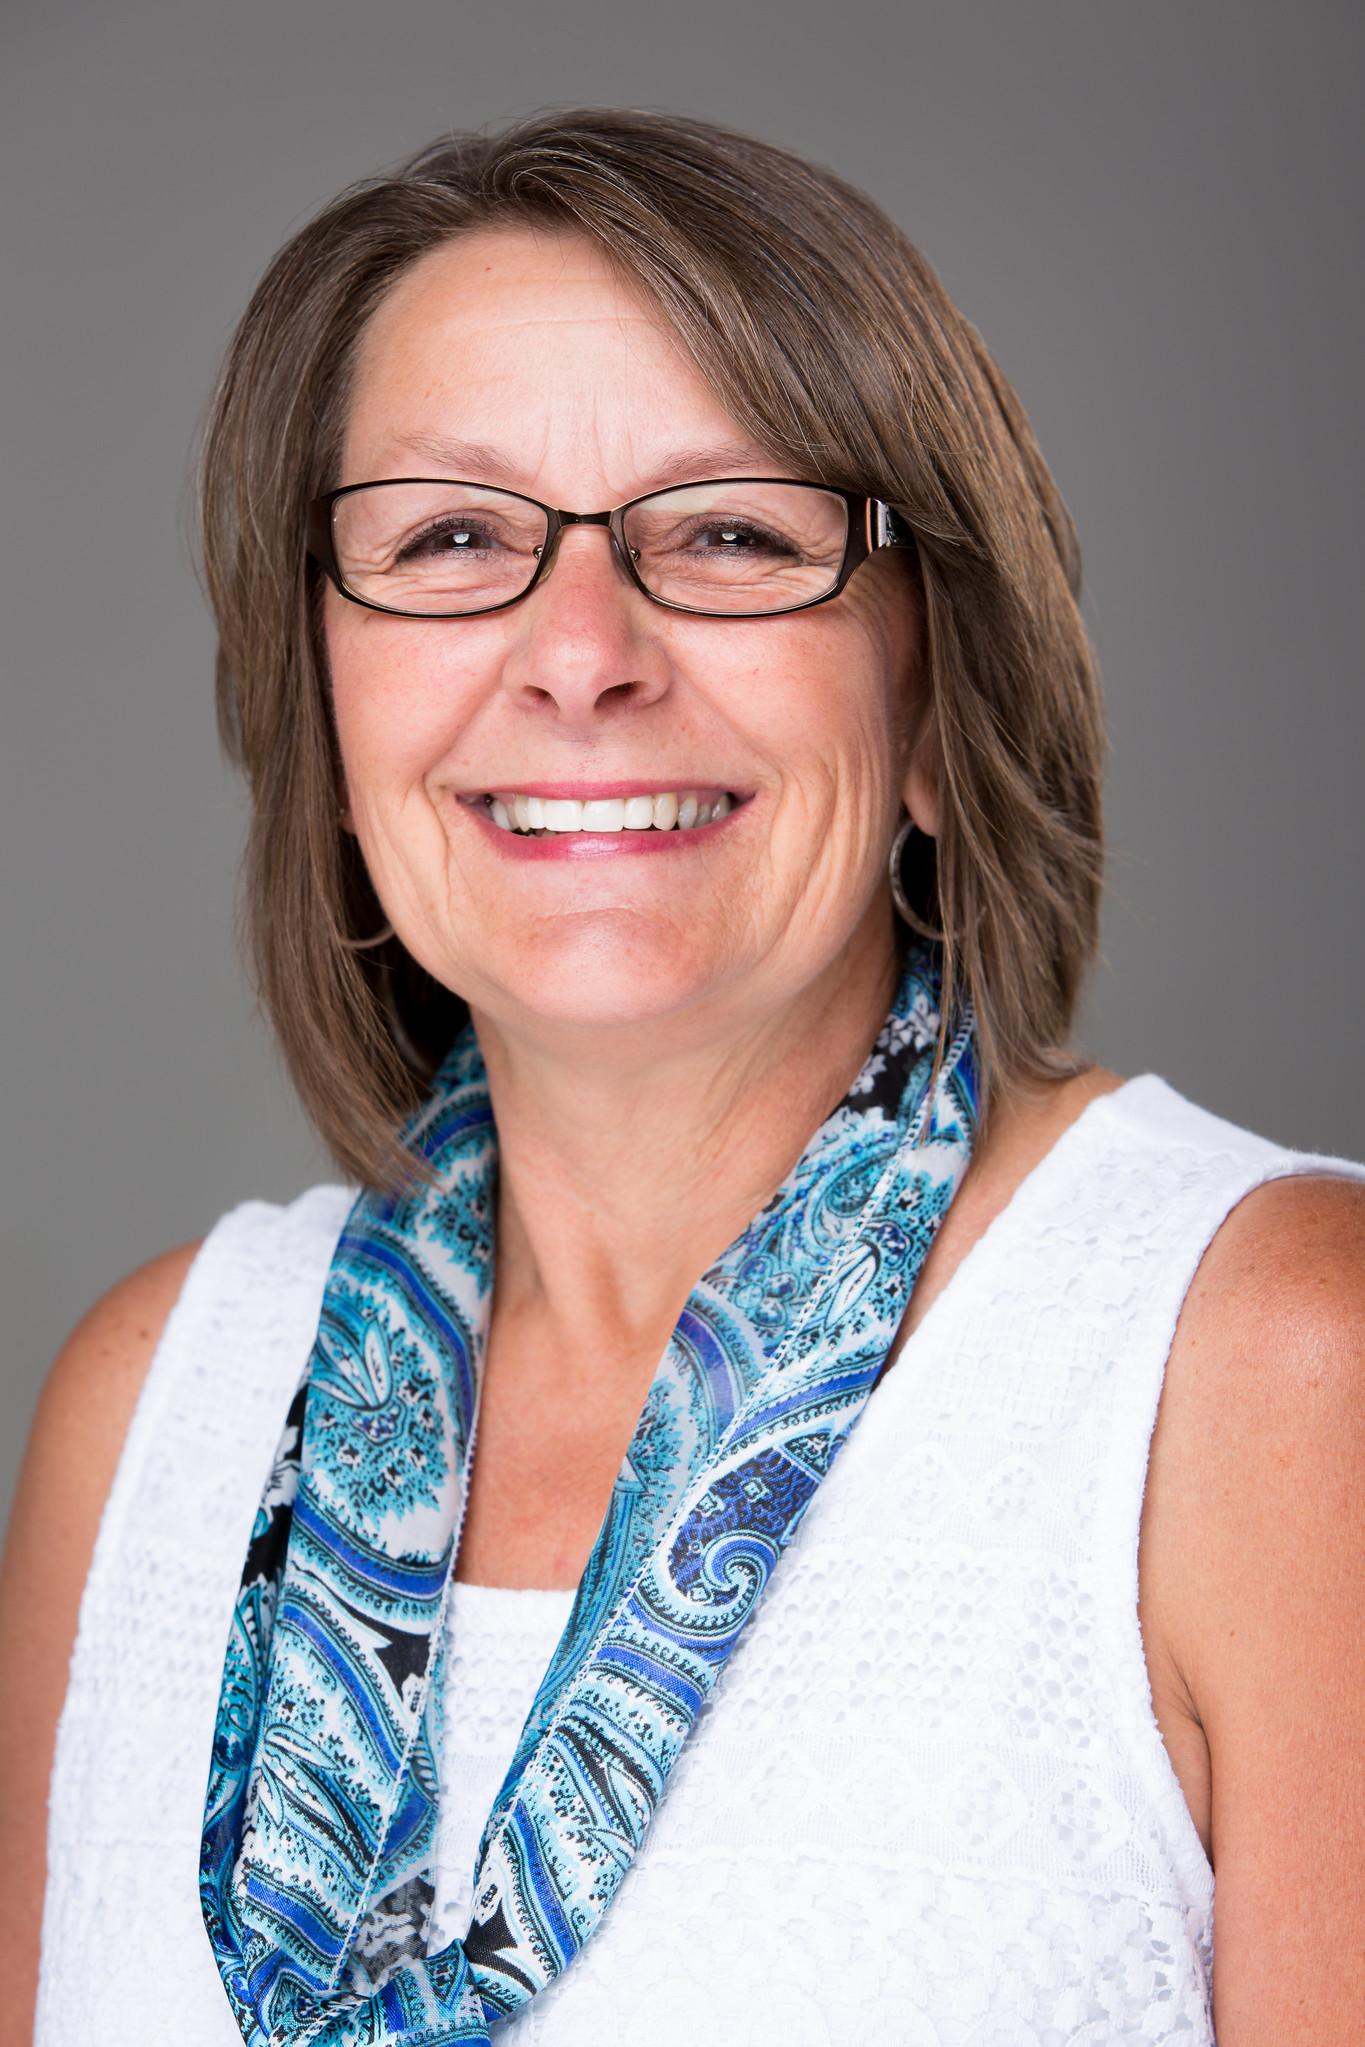 Lori Musseer